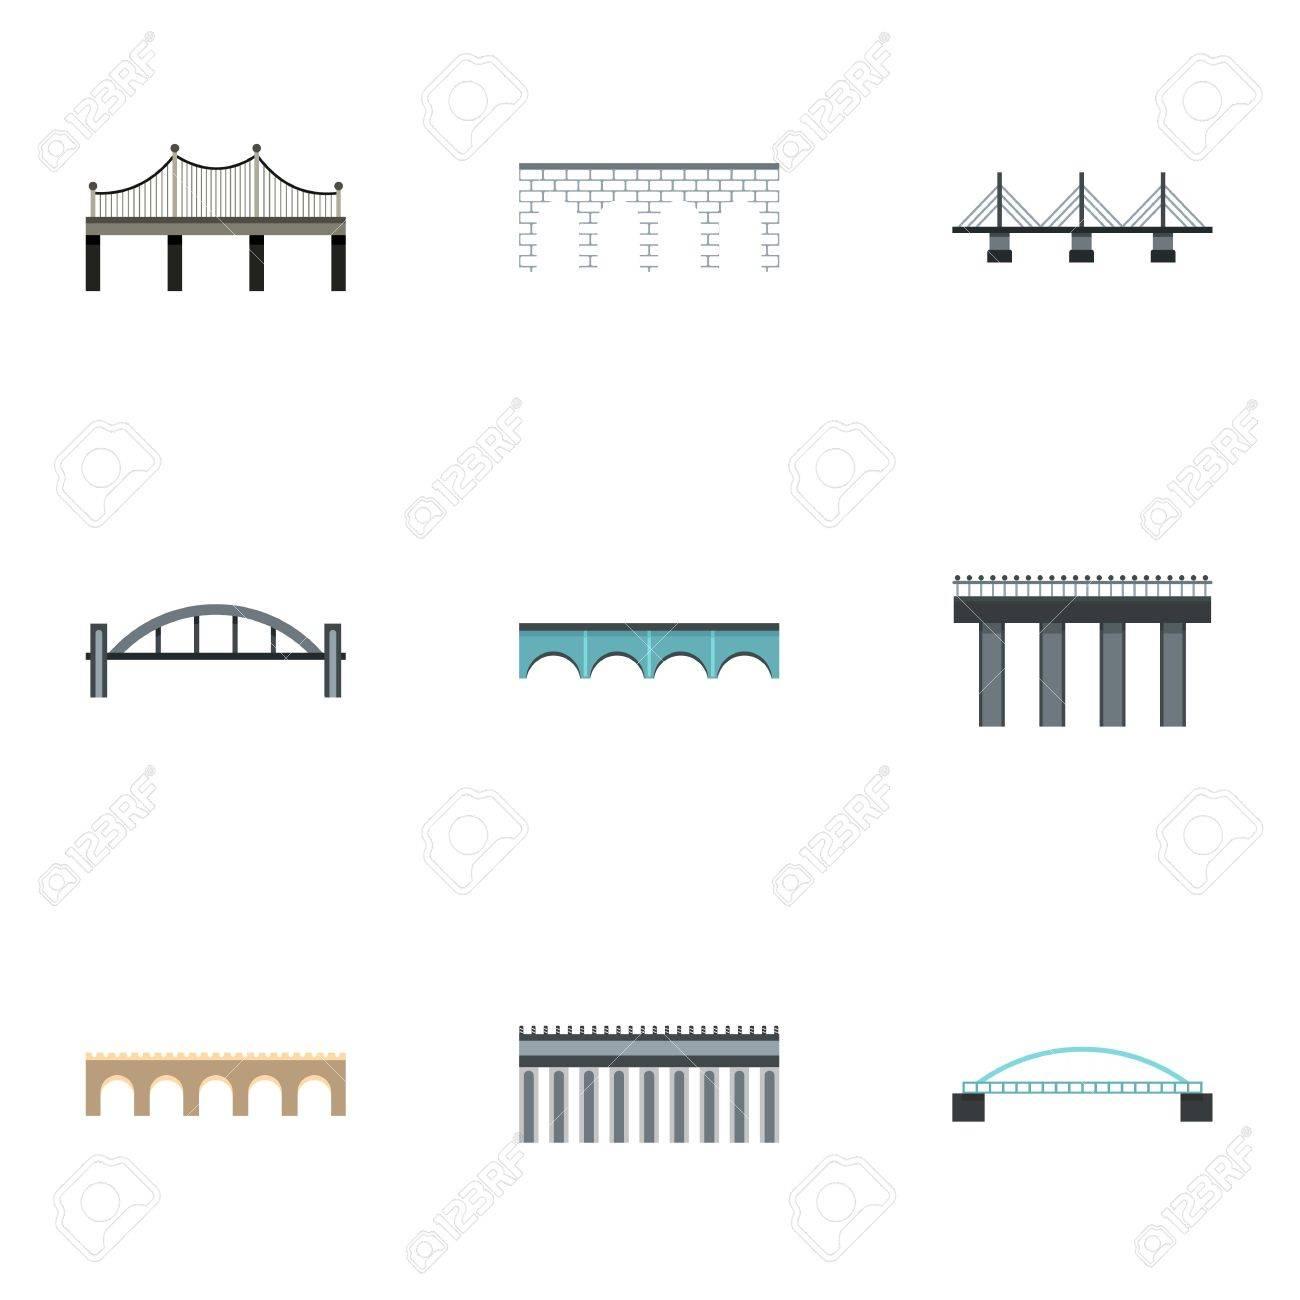 Groß Symbole Für Stromkomponenten Bilder - Schaltplan Serie Circuit ...